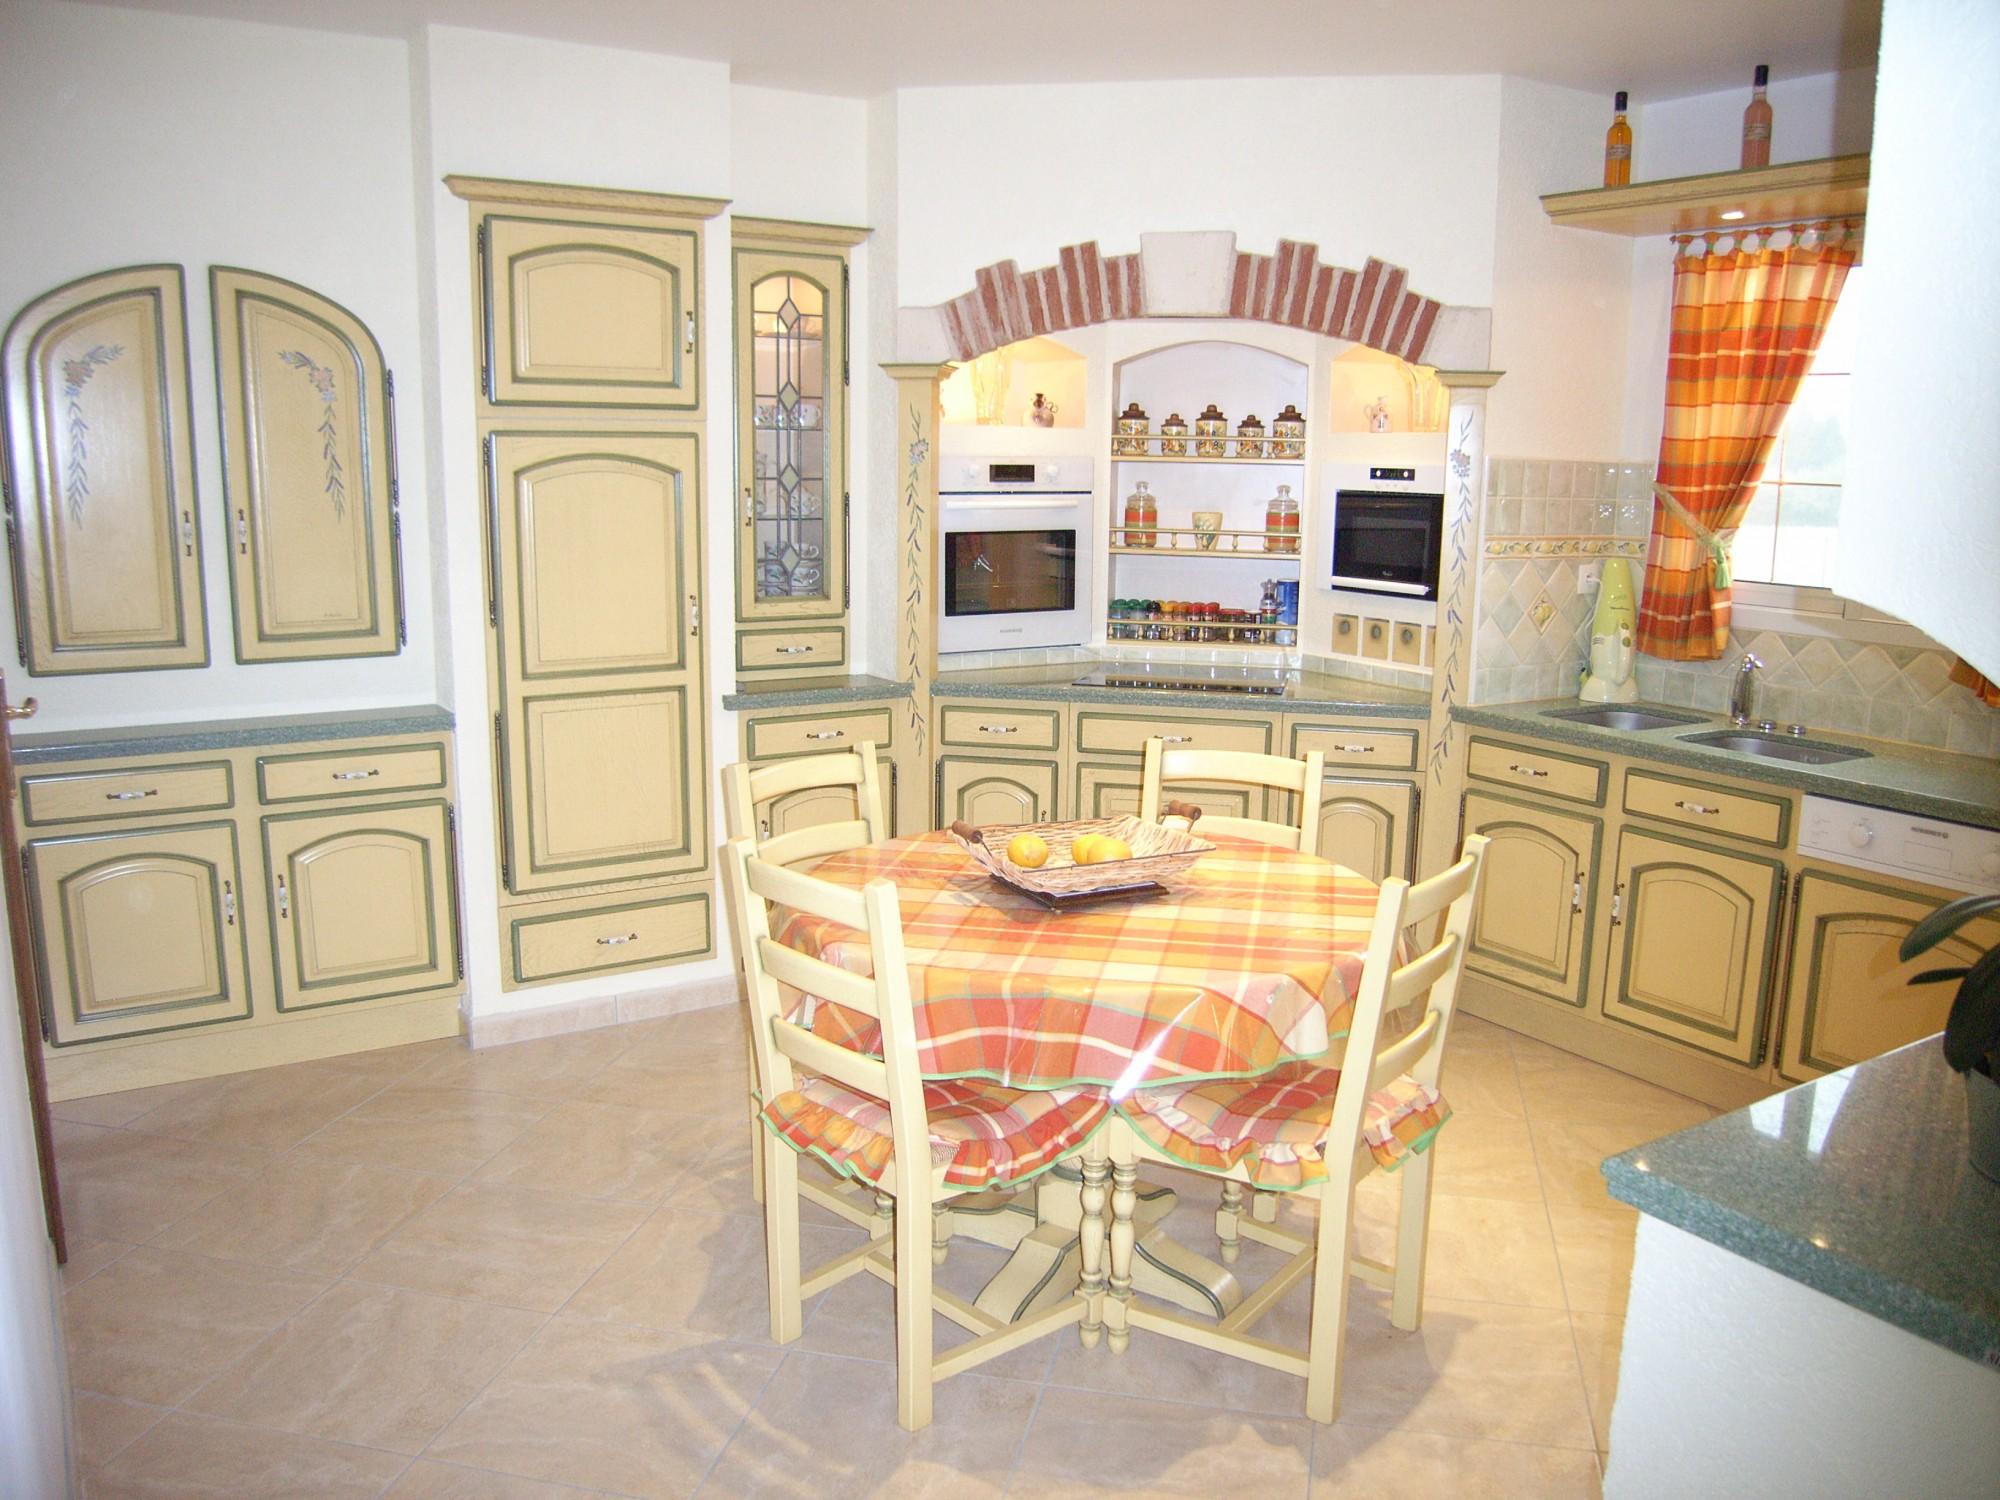 Acheter une cuisine de type proven ale sur mesure saint andr de cubzac fabricant de - Modele de cuisine provencale ...